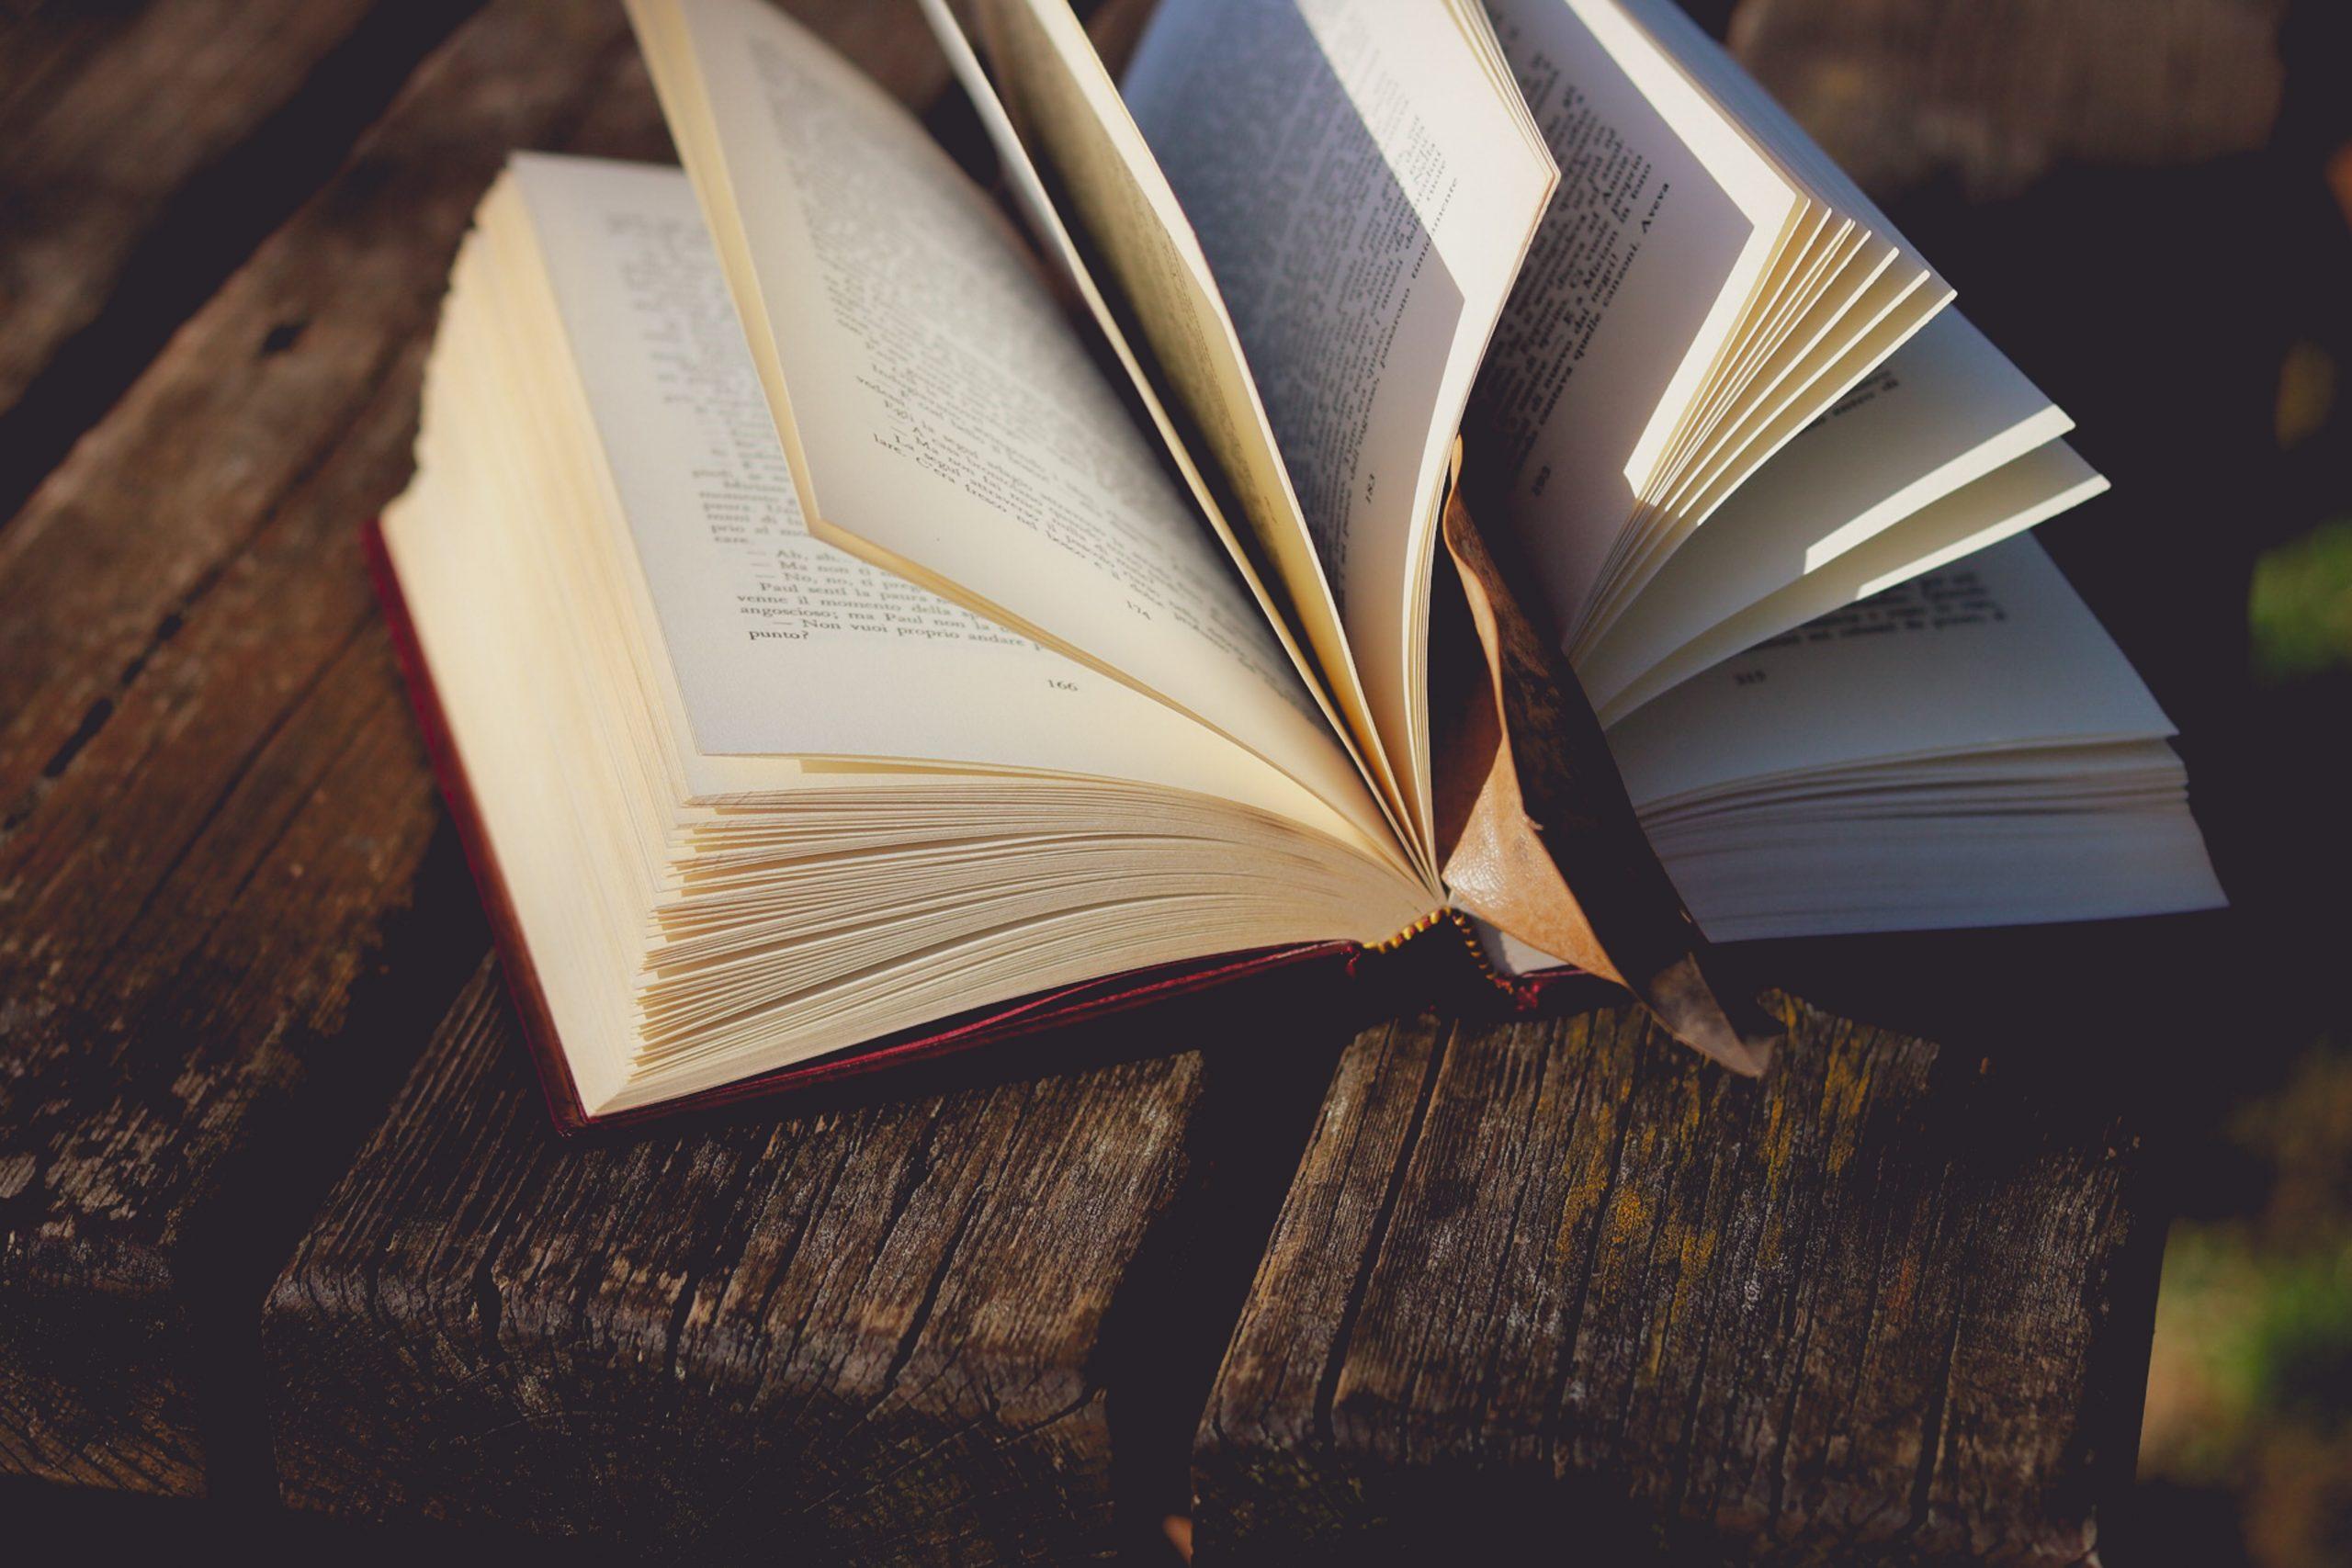 I classici della letteratura italiana: i libri da leggere assolutamente